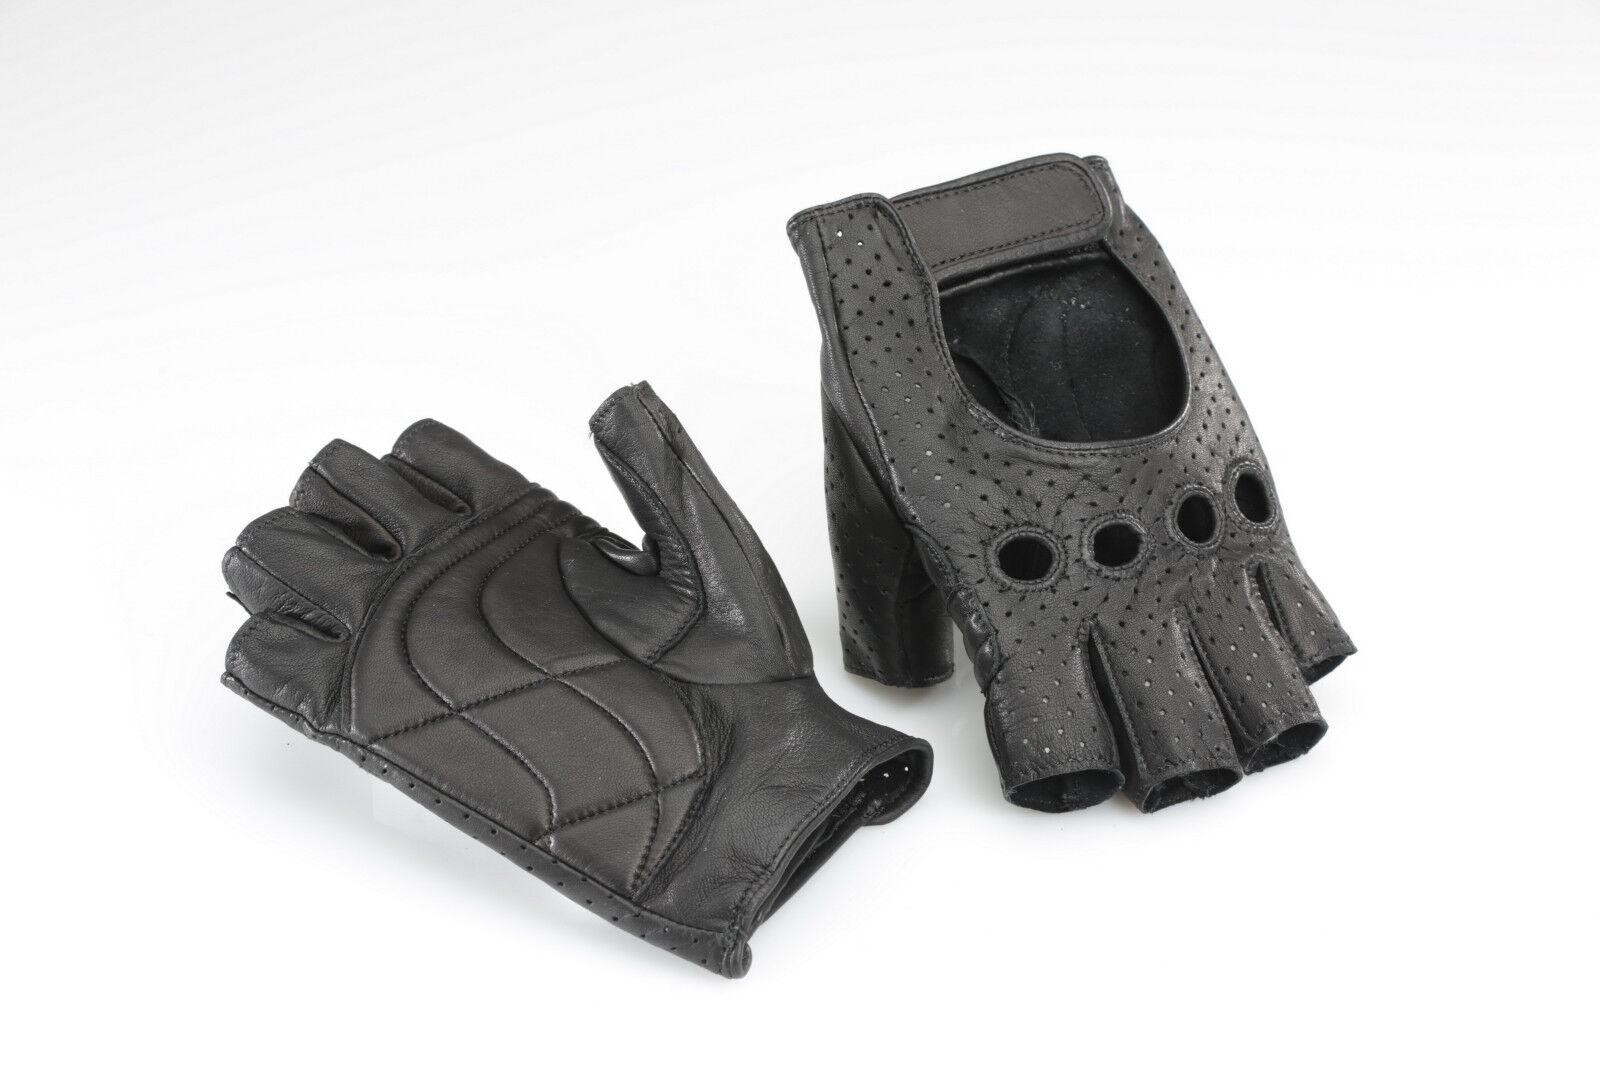 ELIOS-Franconi Retrò Cycle Bicicletta Guanti Pelle Nero, Cycle Retrò gloves, perforata a832b3